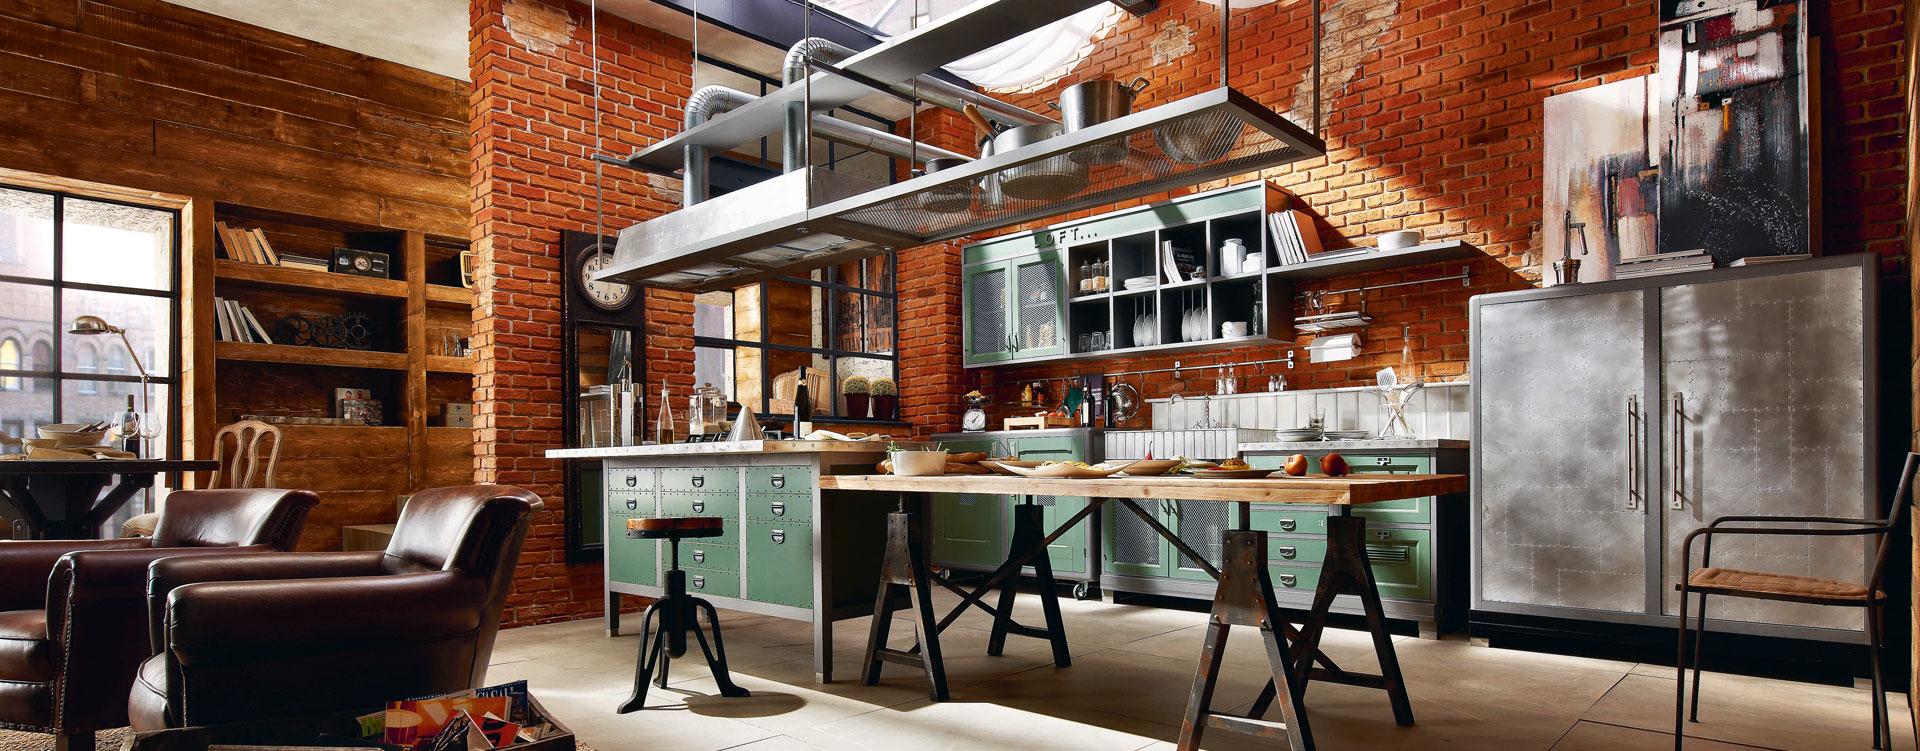 landhausk chen brandstetter m nchen. Black Bedroom Furniture Sets. Home Design Ideas